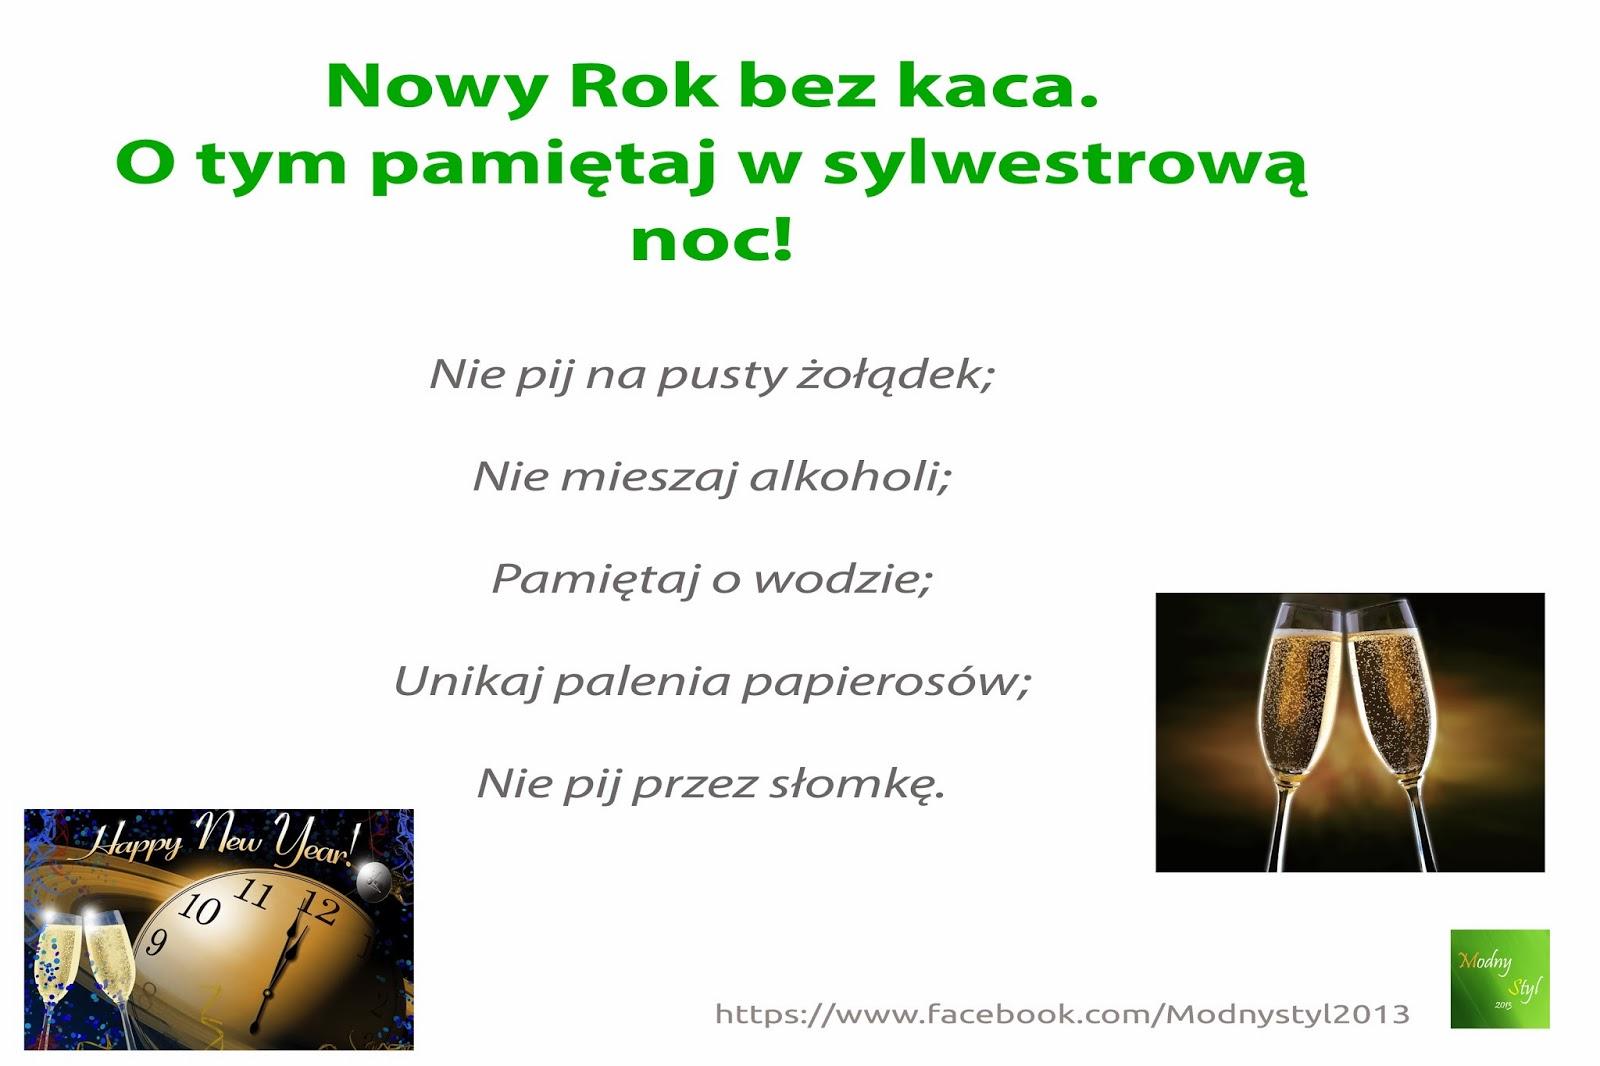 Przywitaj Nowy Rok bez kaca!